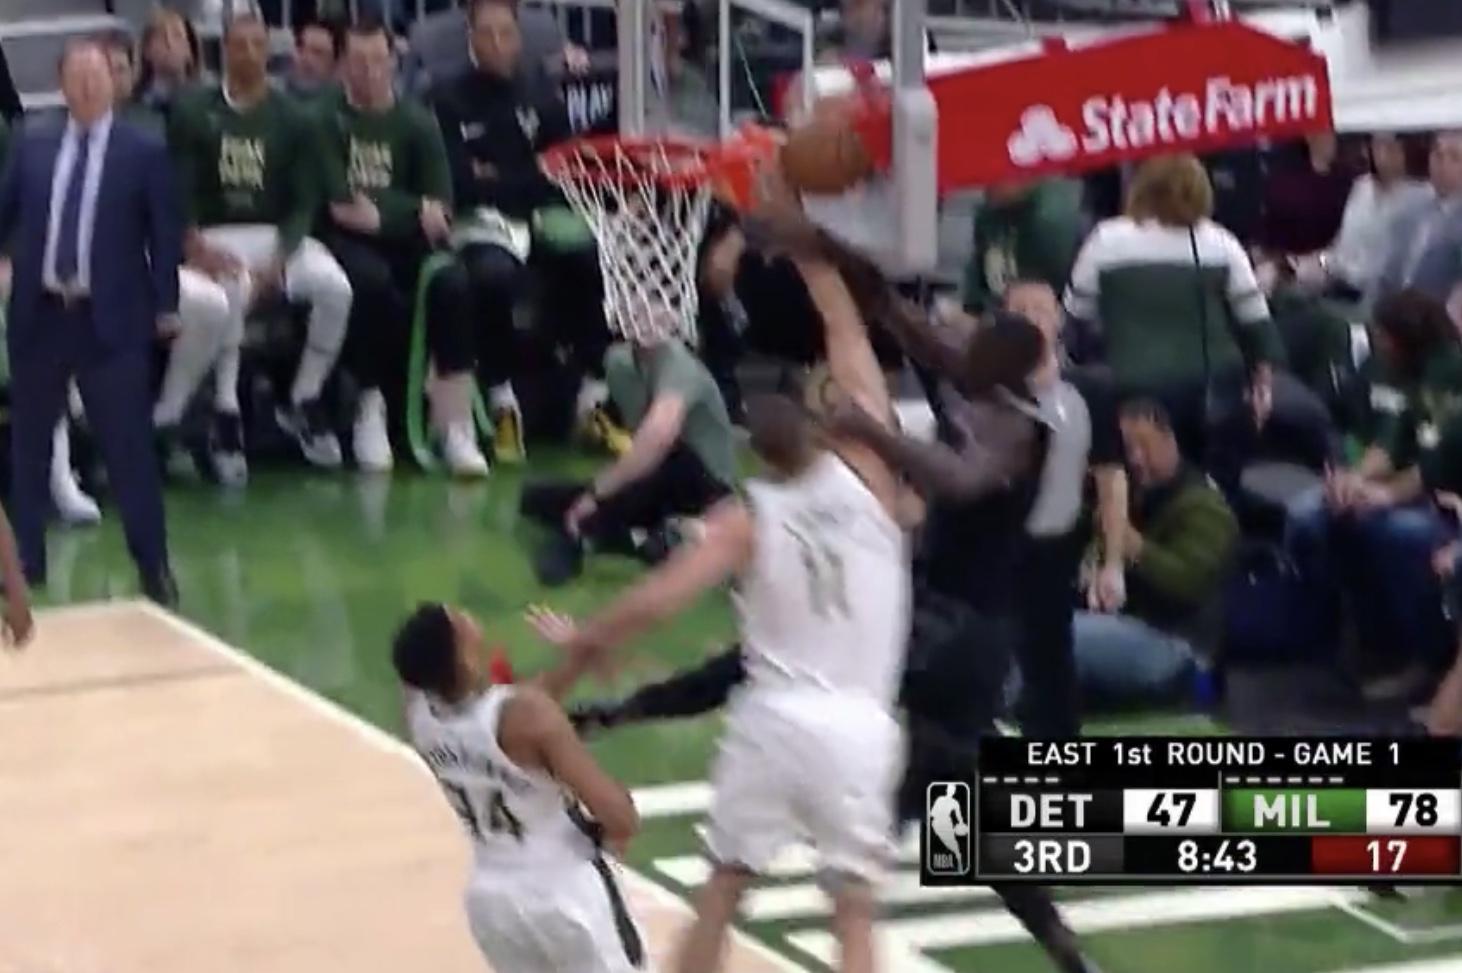 洛佩斯钉板大帽镇守篮下,字母哥一打N强硬得分毫不手软 NBA新闻